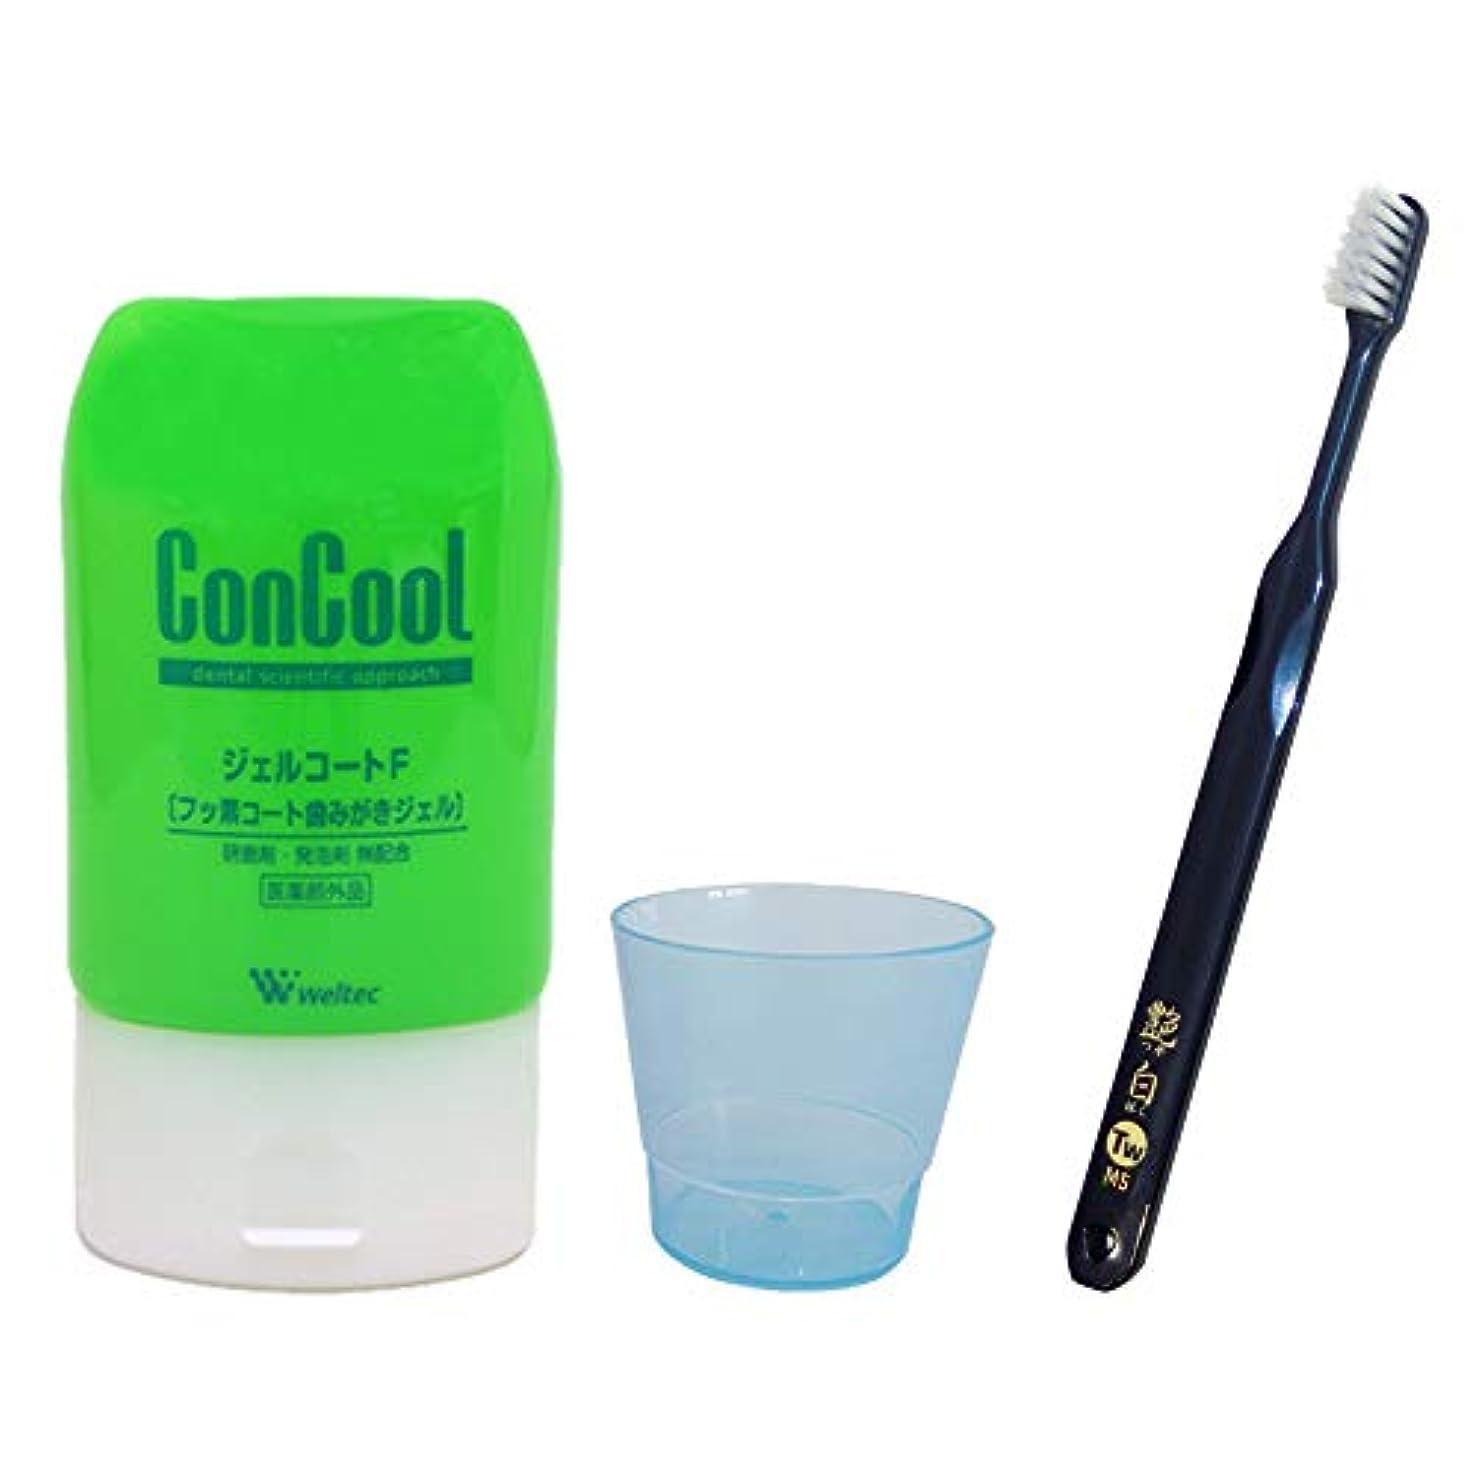 傷跡実験皮コンクール ジェルコートF ×1個 + ライオン オリジナル コップ ×1個 + 艶白(つやはく) 二段植毛 歯ブラシ(日本製) × 1本 歯科専売品